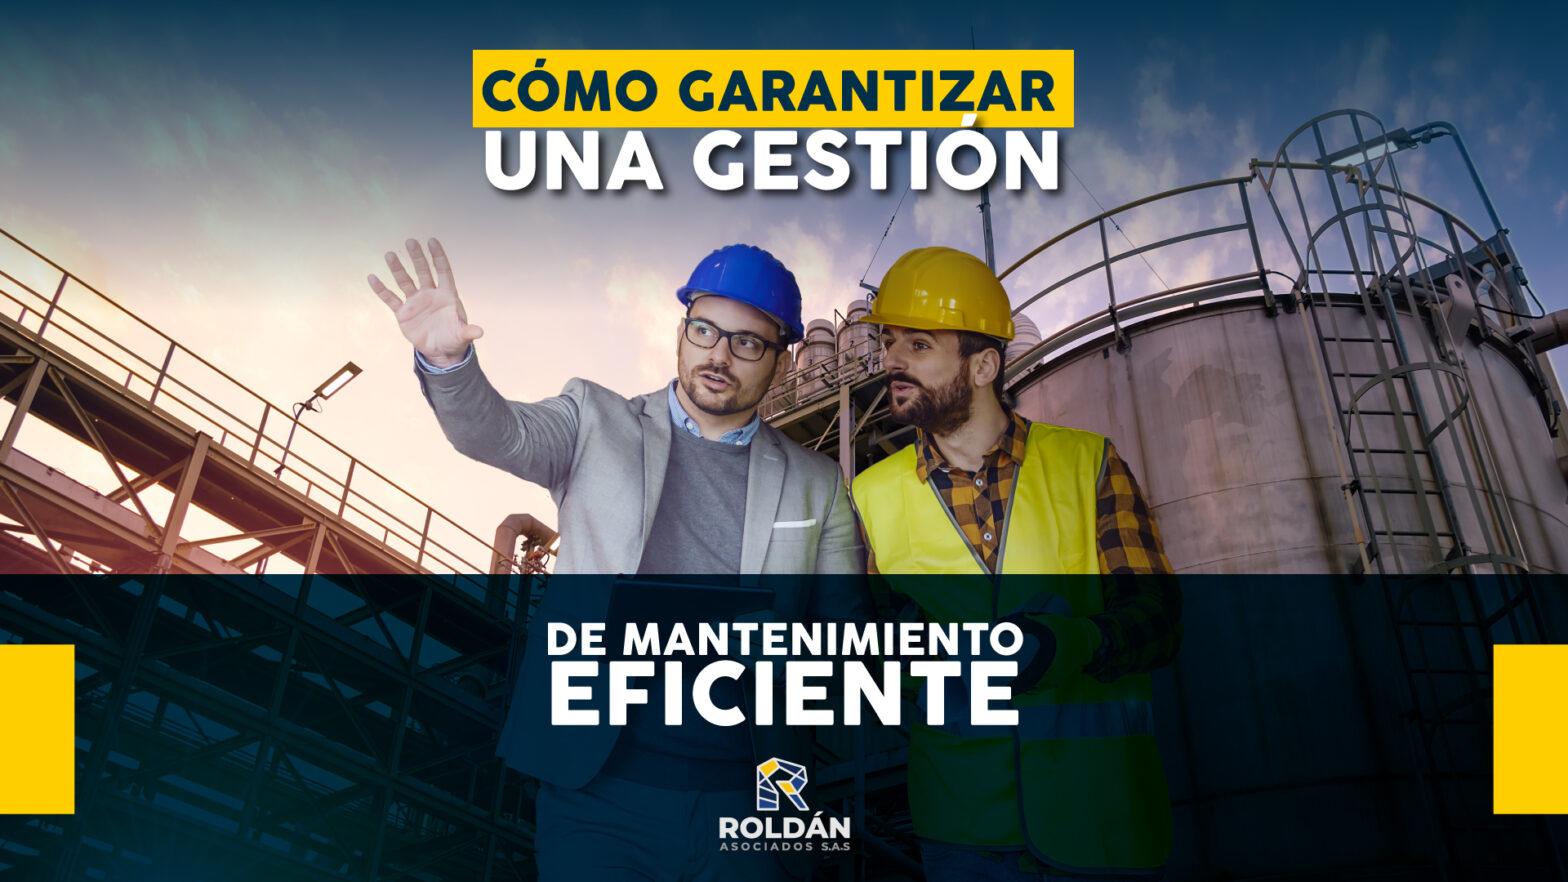 Cómo garantizar una gestión de mantenimiento eficiente